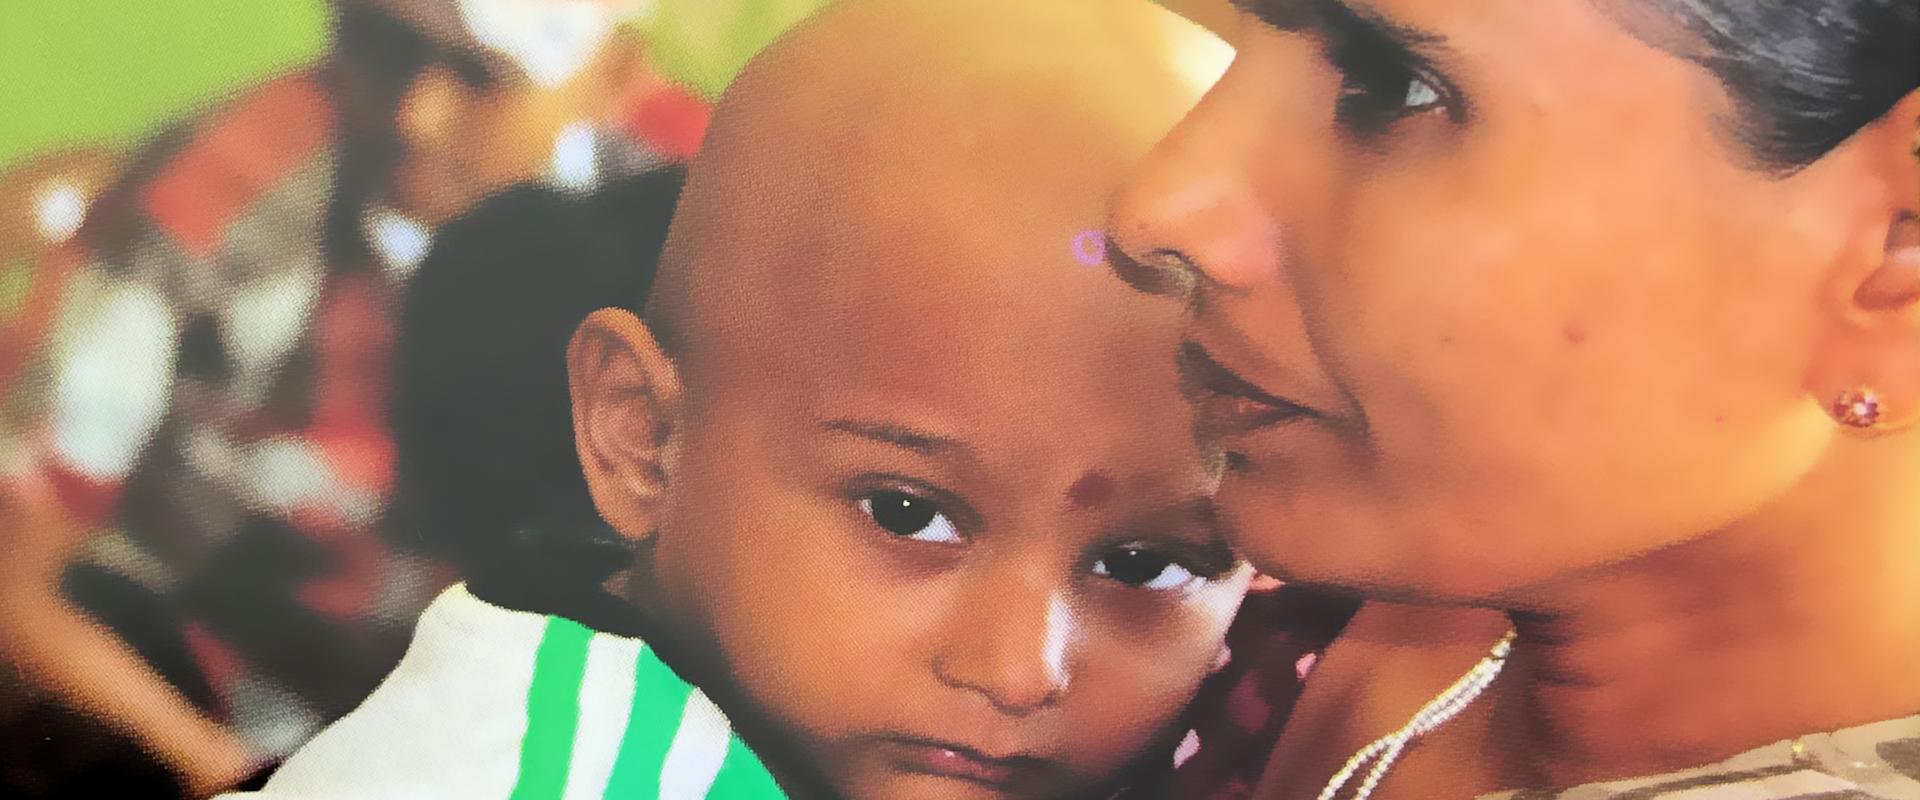 Mother & child patient